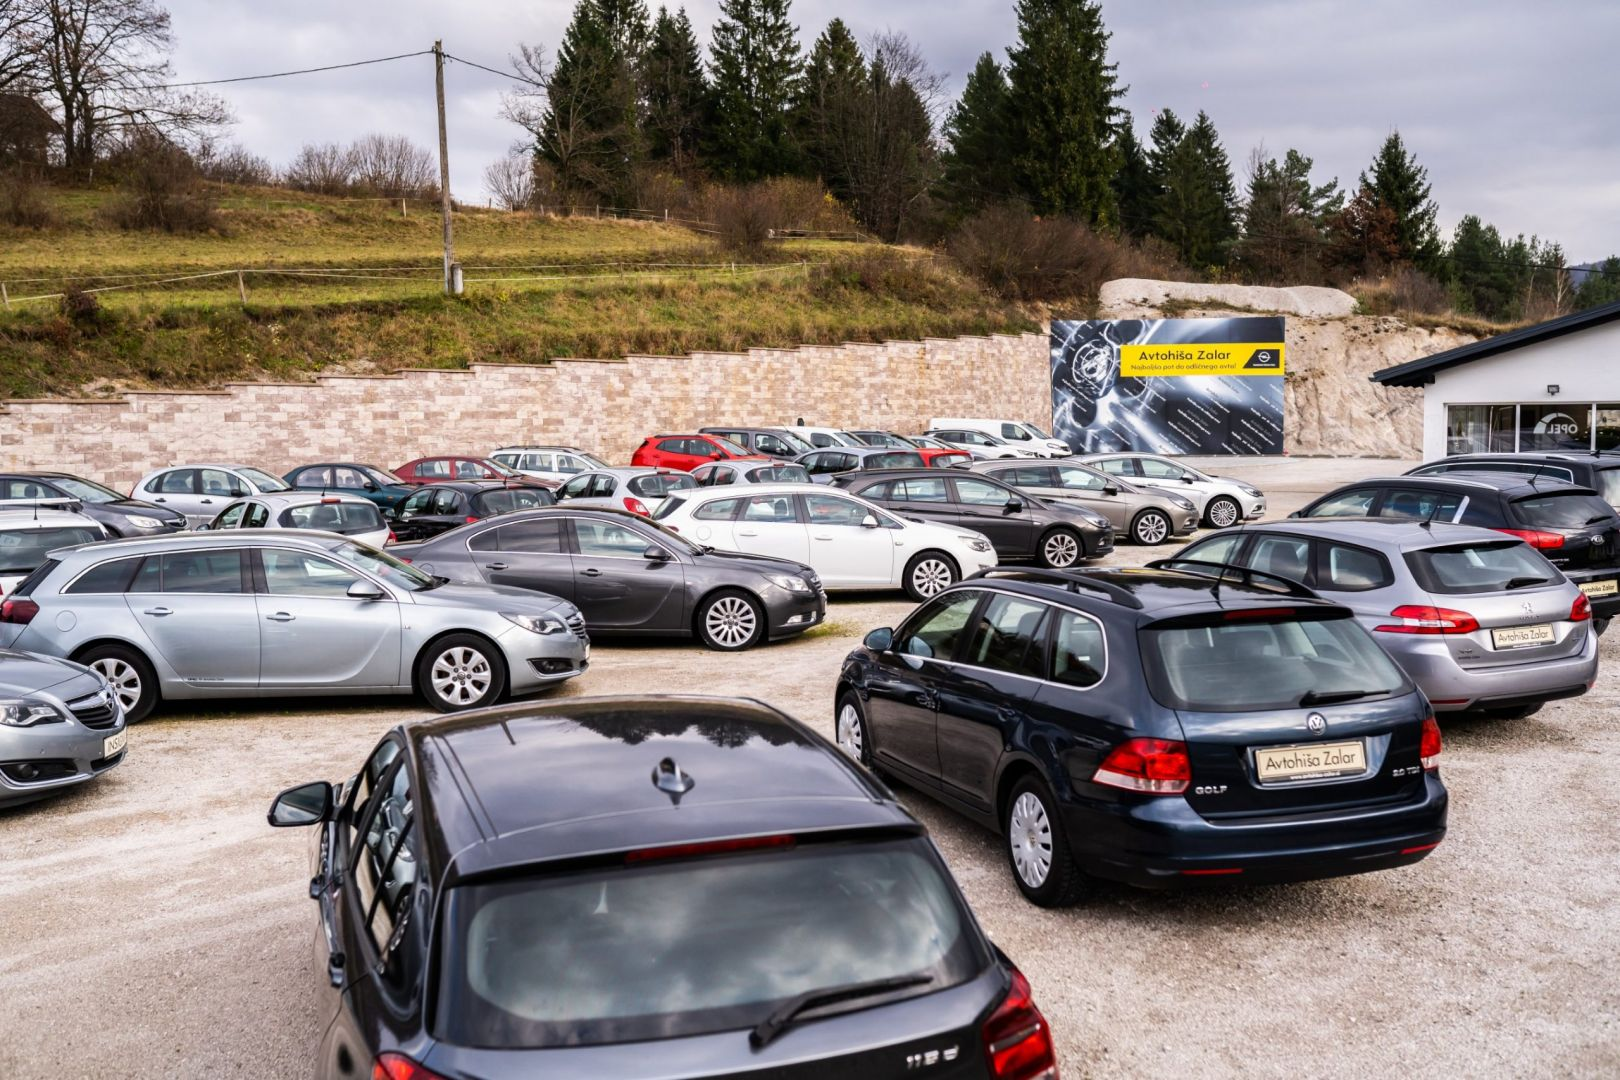 avtohisa-zalar-nova-rabljena-vozila-servis-prodaja-vzdrzevanje-zavarovanje-svetovanje (77)